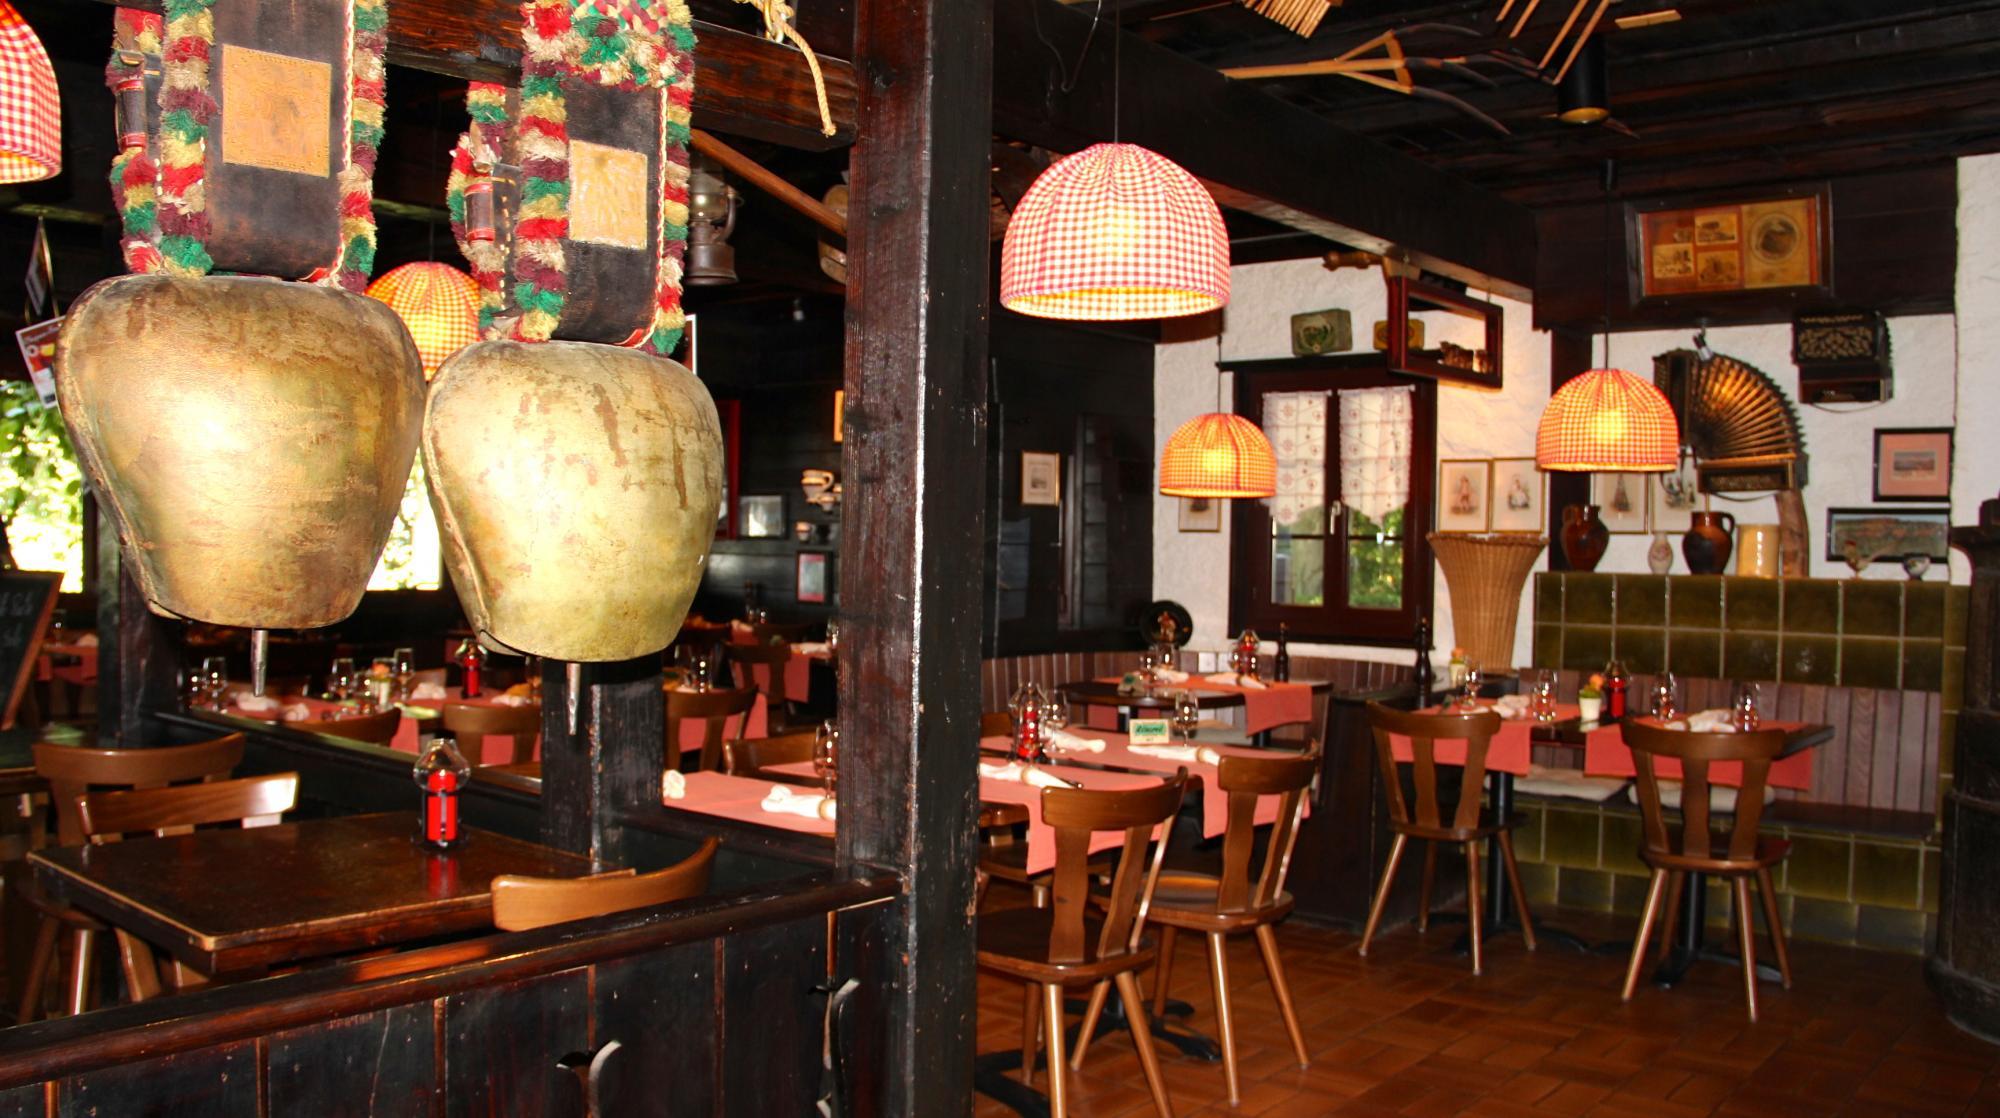 Le chalet suisse lausanne tourisme for Apprentissage cuisine geneve